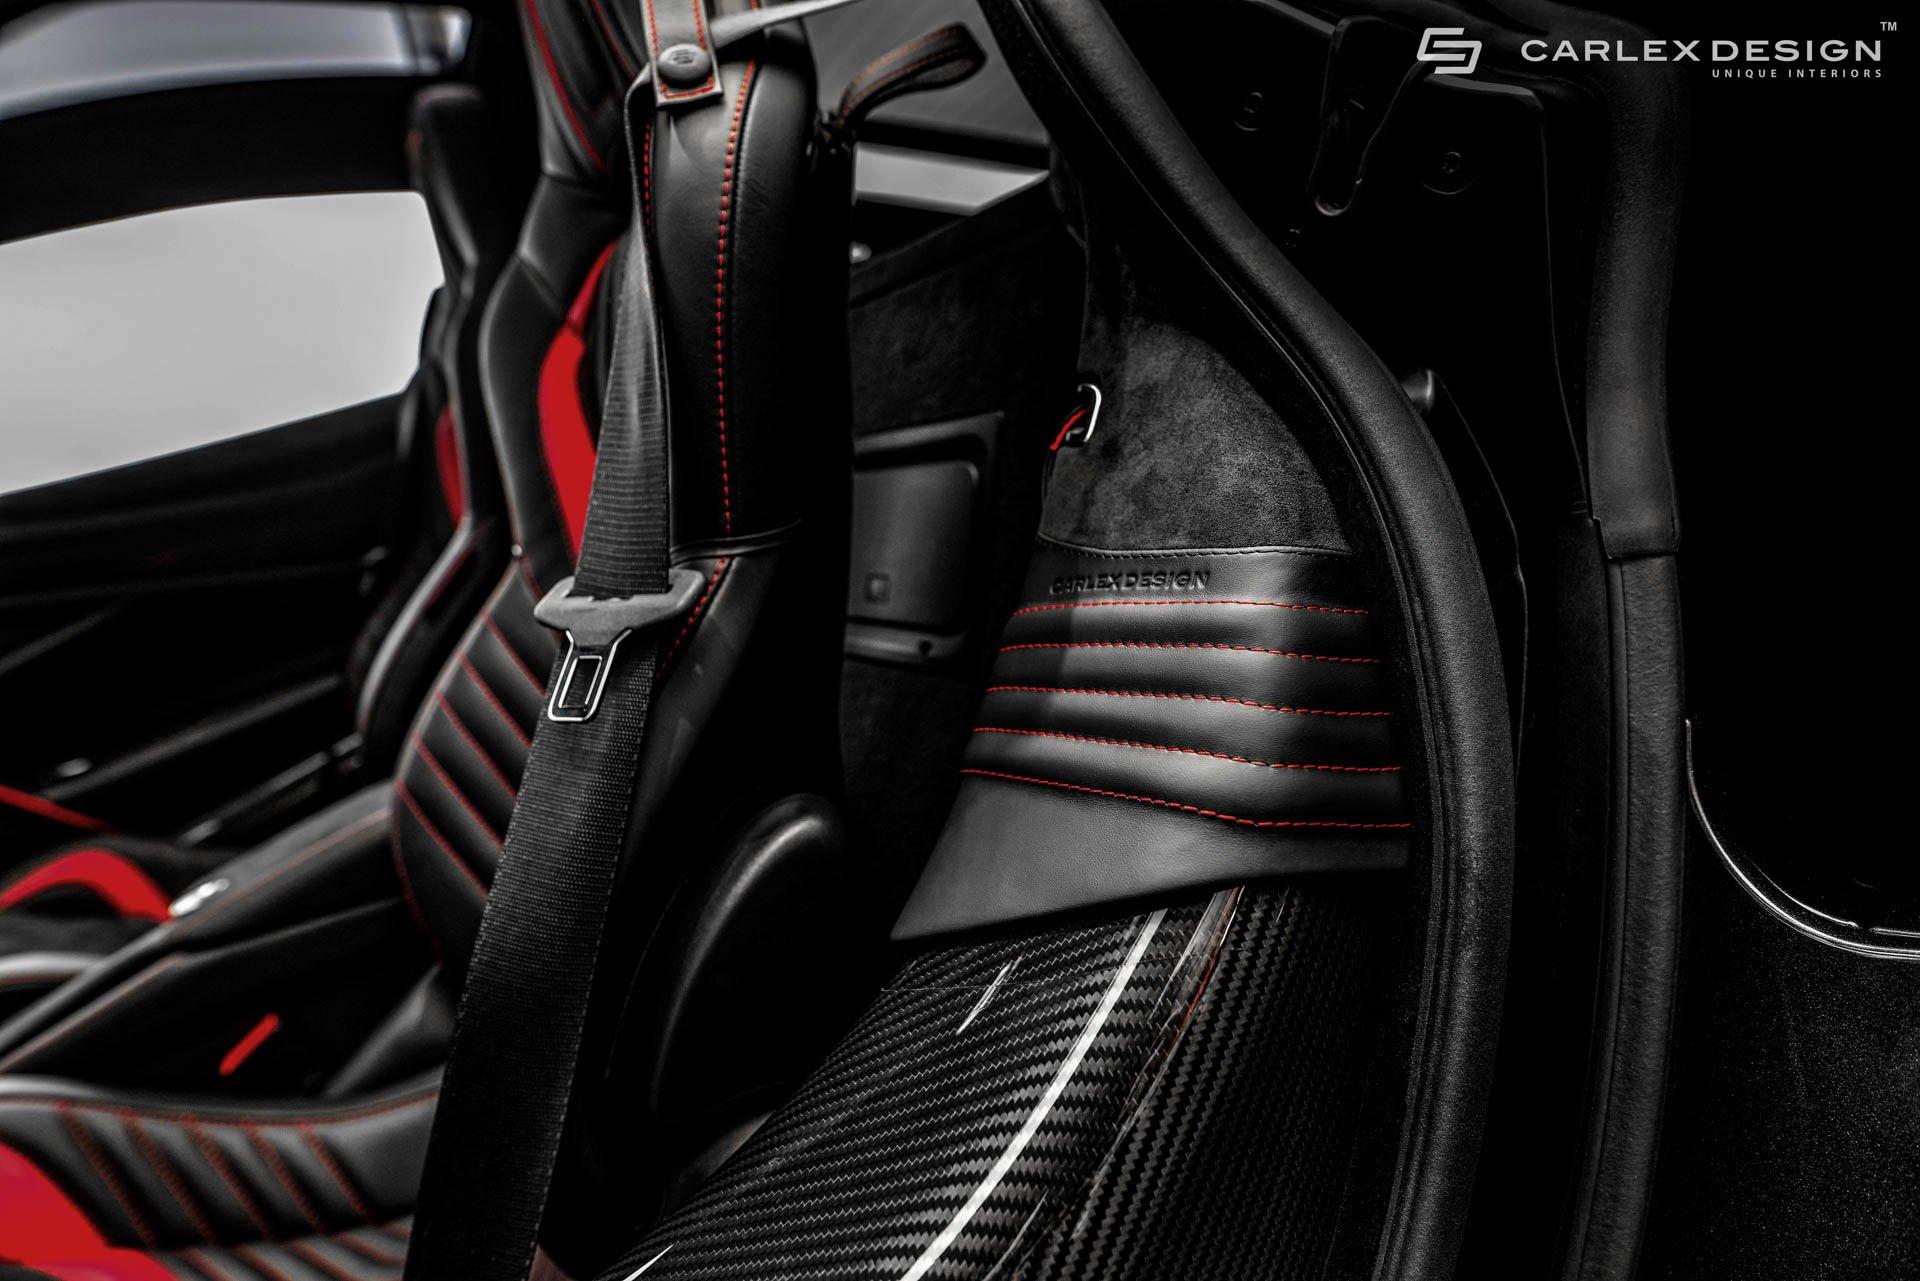 McLaren_720S_Carlex_design_0013